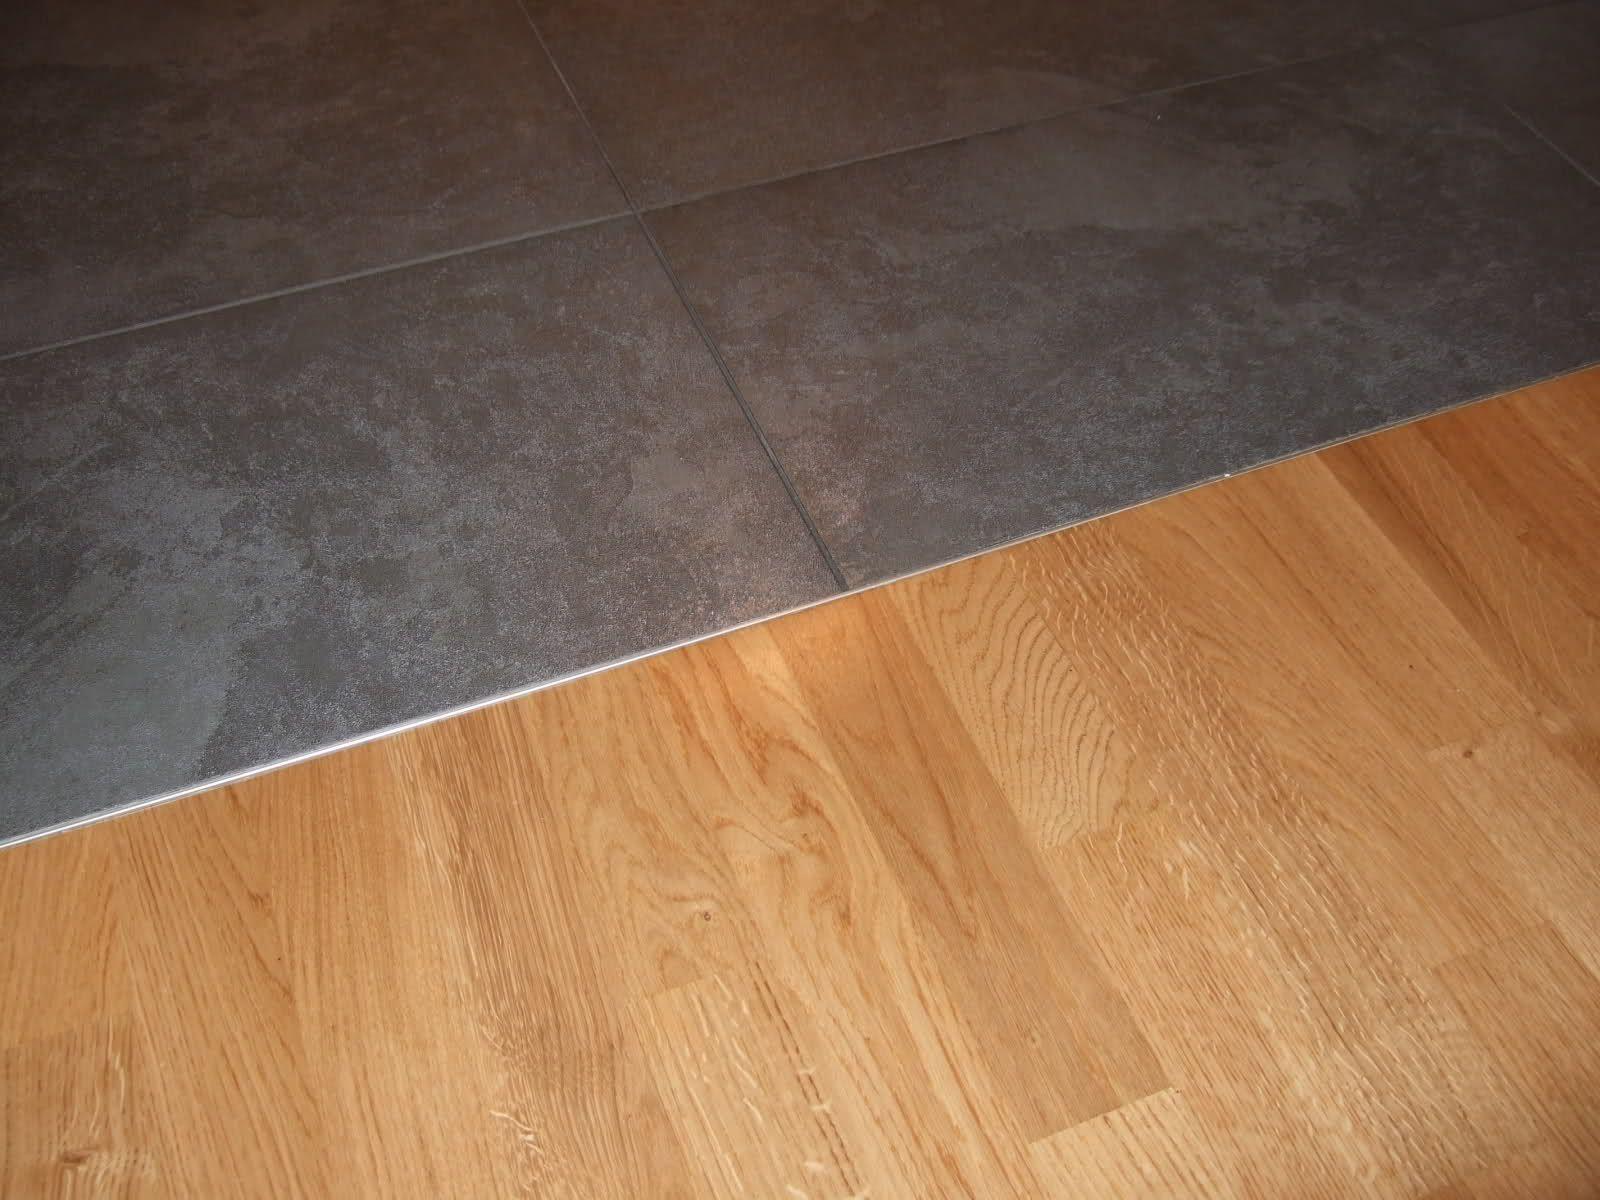 7 Prime Fotos Von Wohnzimmer Fliesen Ohne Fußbodenheizung #Fliesen